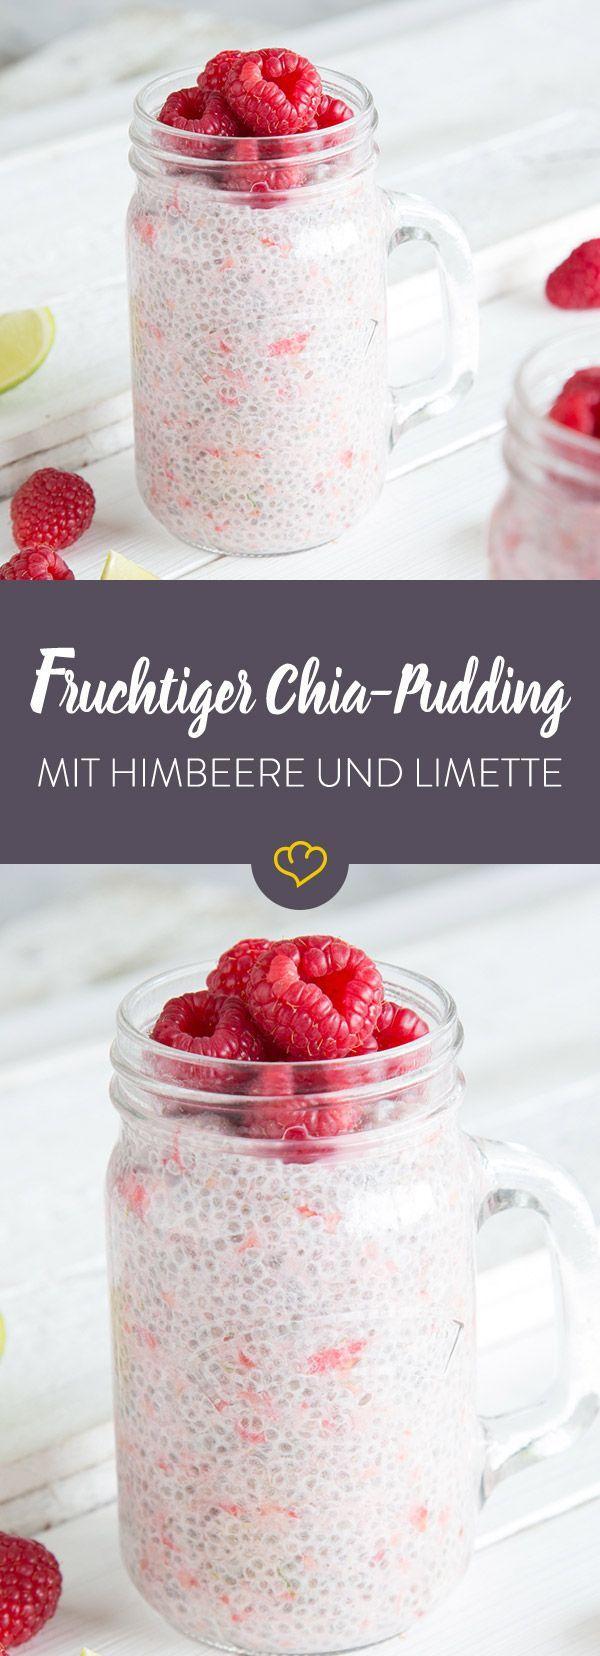 Fruchtiger Chia-Pudding mit Himbeeren und Limette #chiaseedpudding